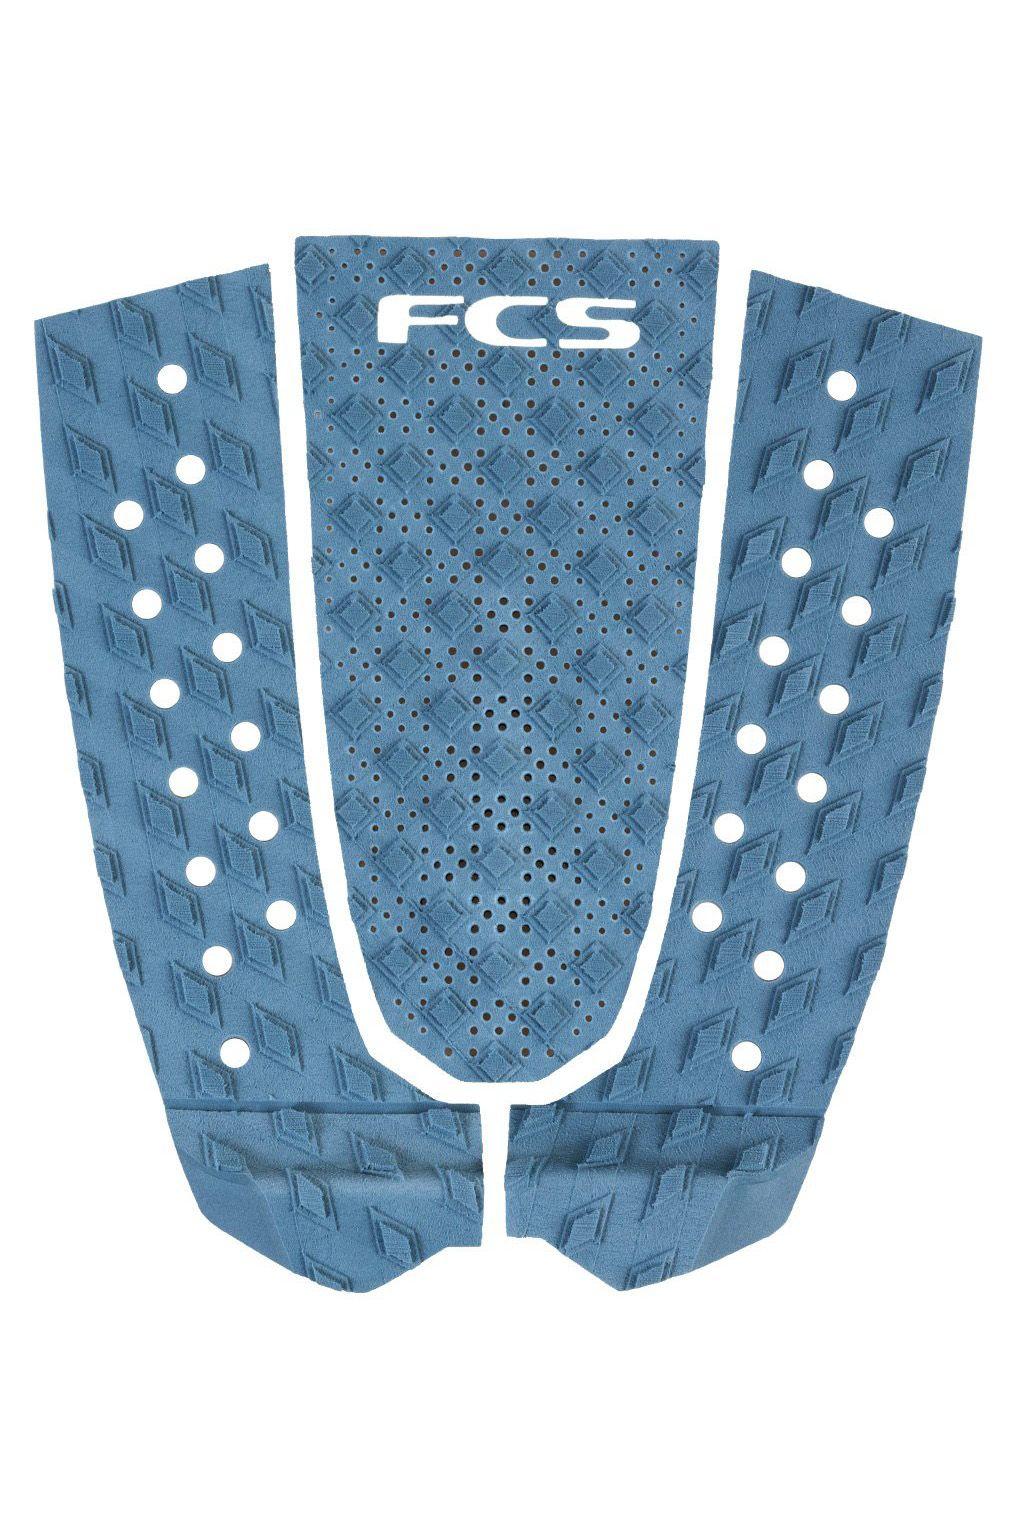 Deck Fcs T-3 Dusty Blue